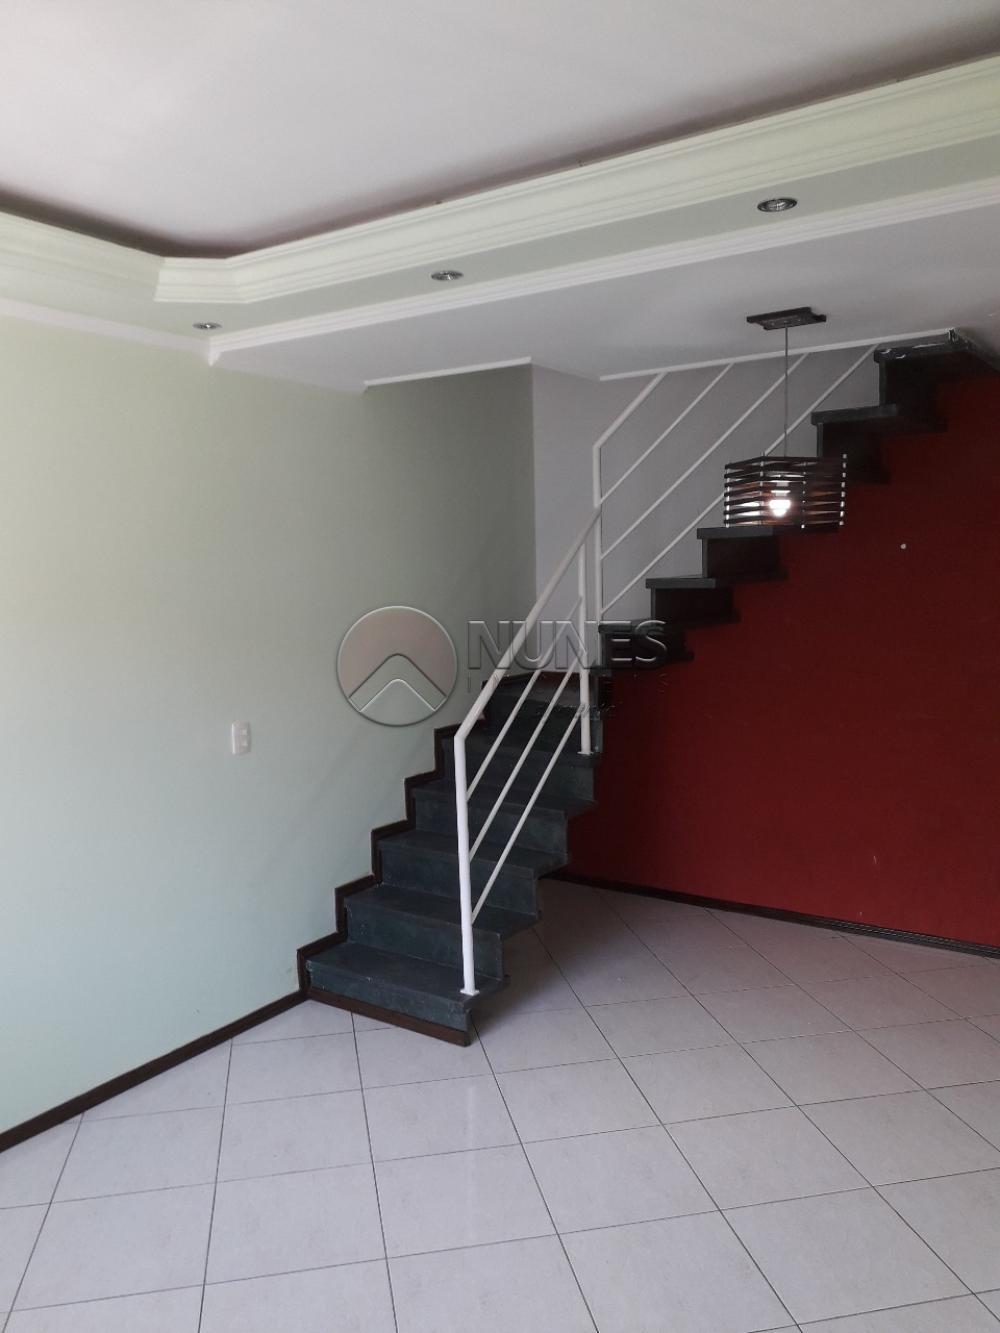 Alugar Casa / Sobrado em Condominio em São Paulo apenas R$ 1.000,00 - Foto 6